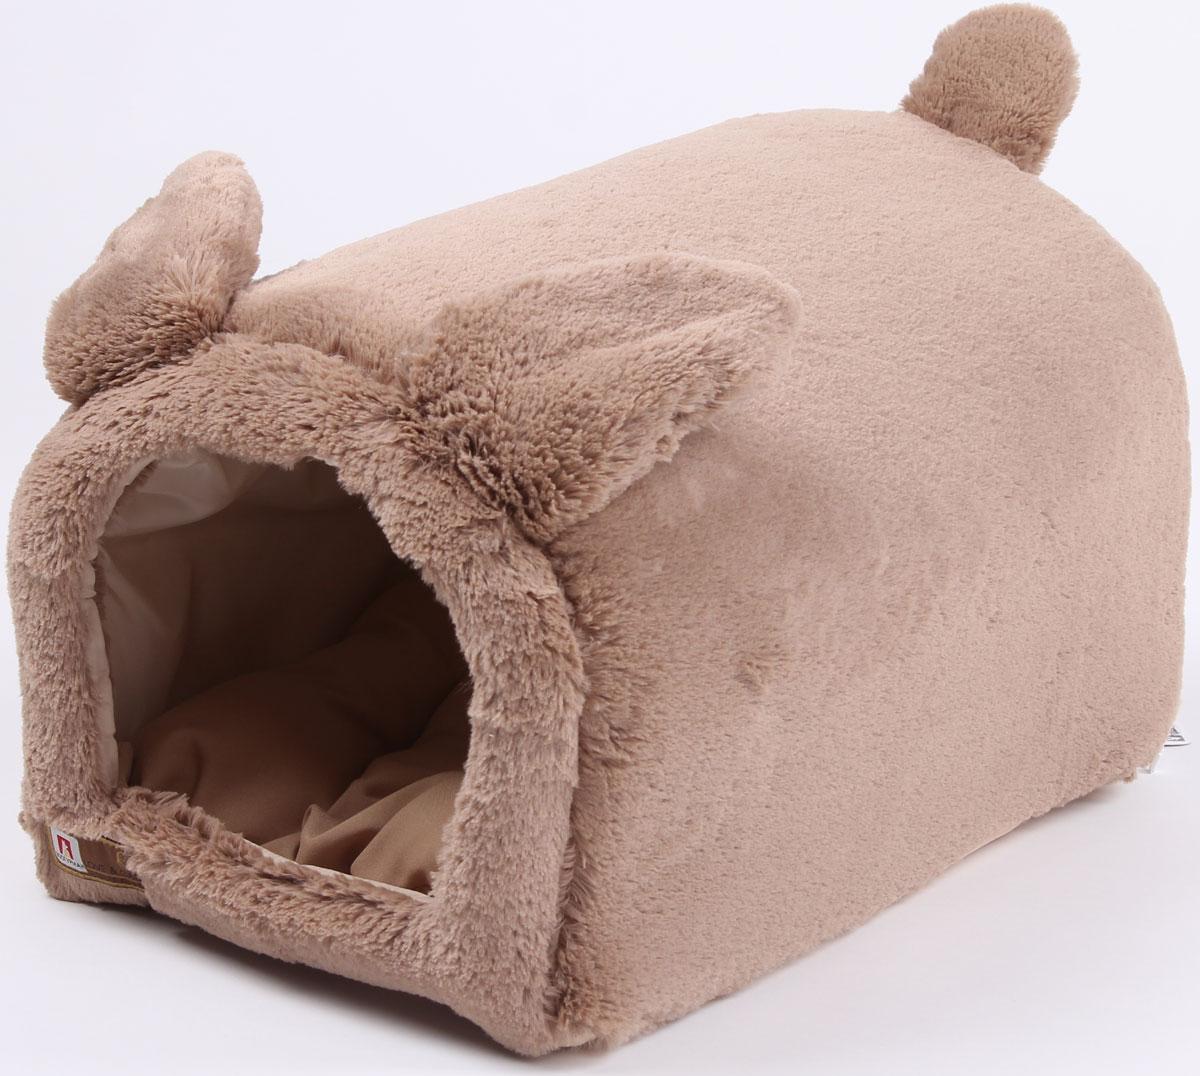 Домик для собак и кошек Taddy bear (50*35*30 см) размер М8832Материал: искуственная меховая ткань